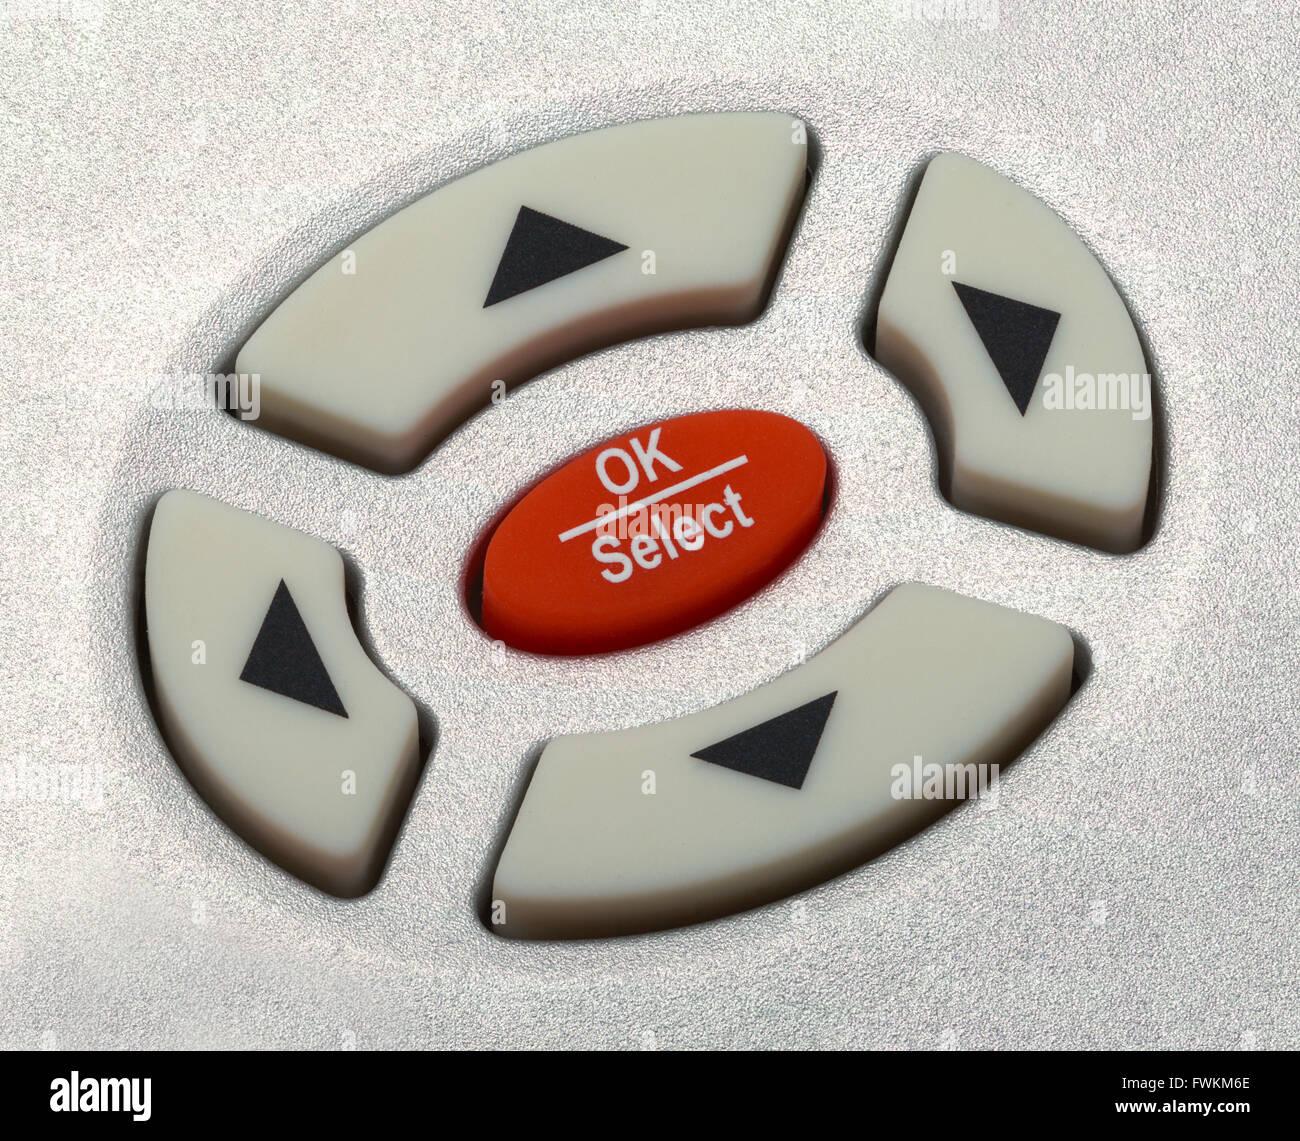 Cerca de los botones de selección de flecha del mando a distancia. Imagen De Stock